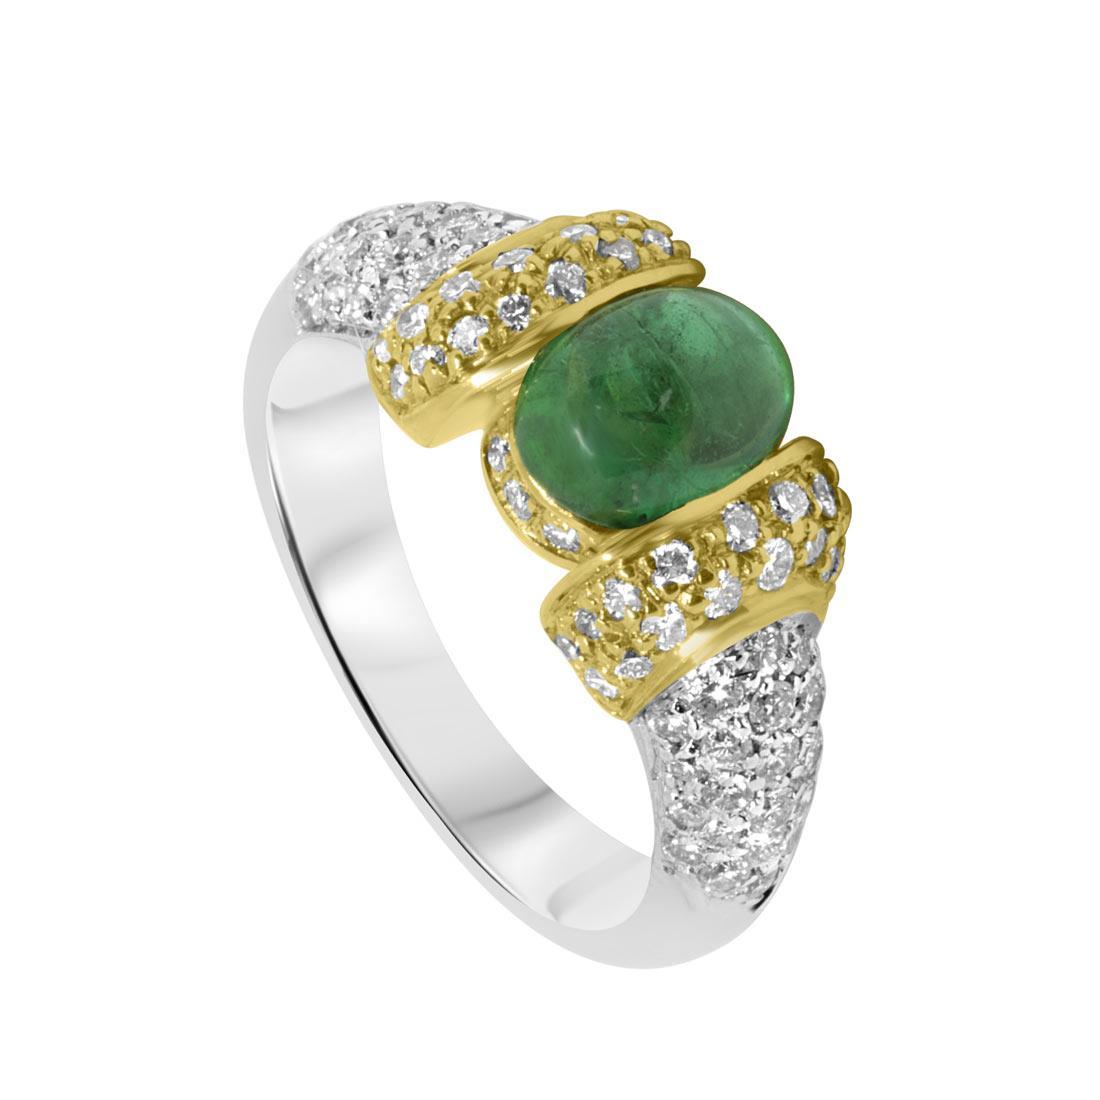 Anello Oro & Co in oro bianco e giallo, con diamanti 0.80 ct e smeraldo, misura 14 - ORO&CO